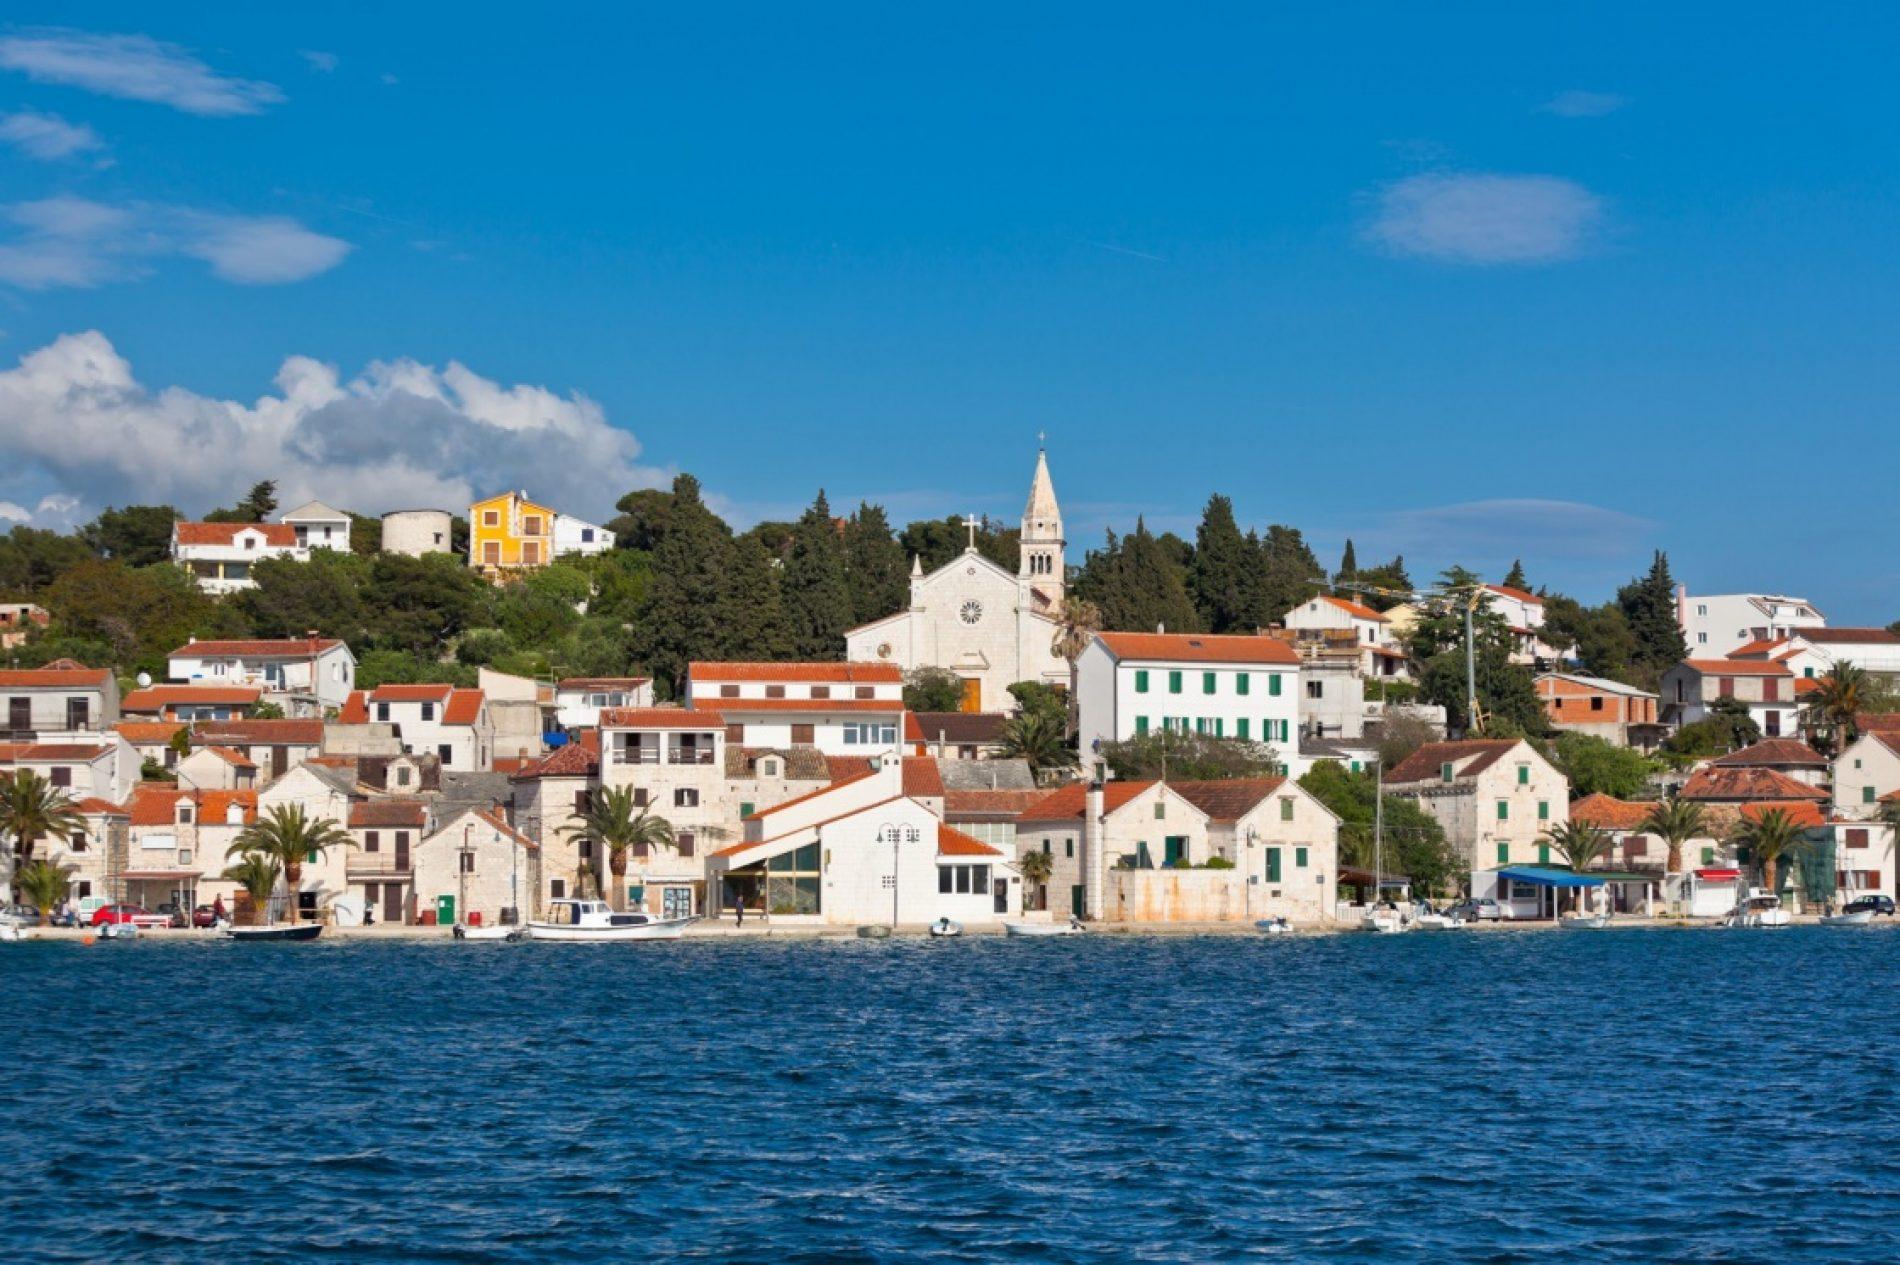 Naselja bosanske srednjovjekovne države – Zaton kod Dubrovnika